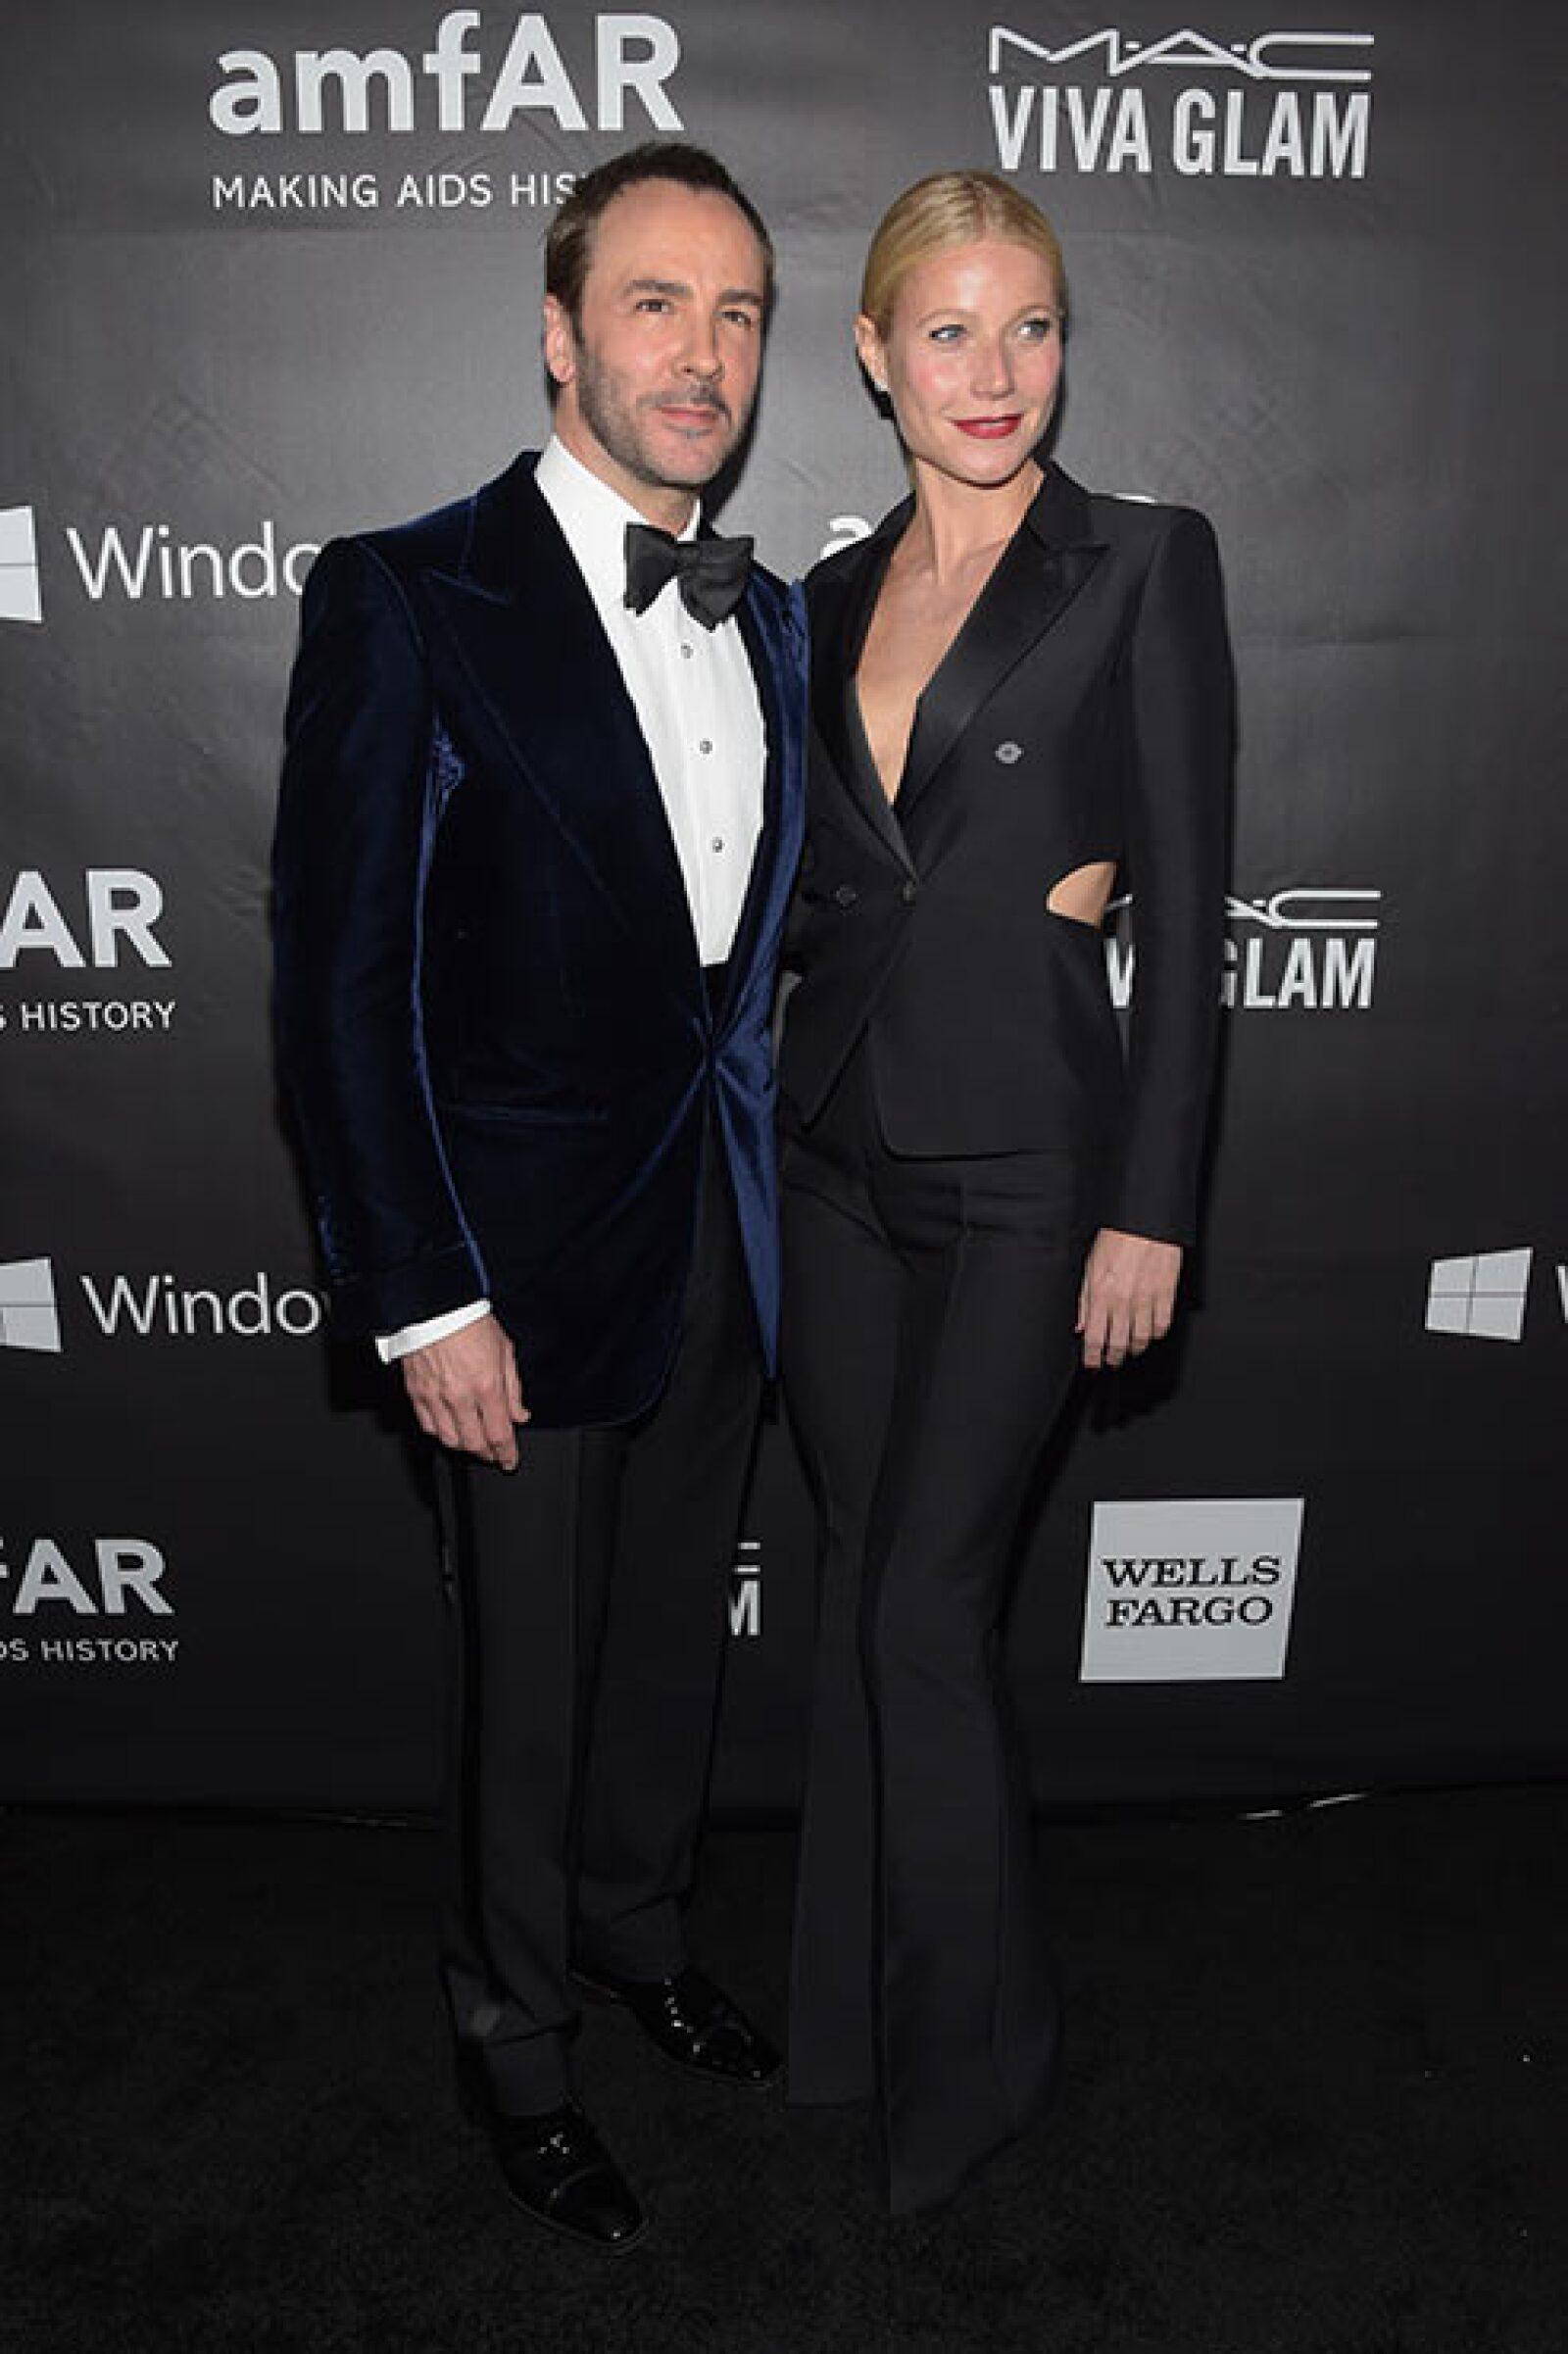 Tom Ford, Gwyneth Paltrow